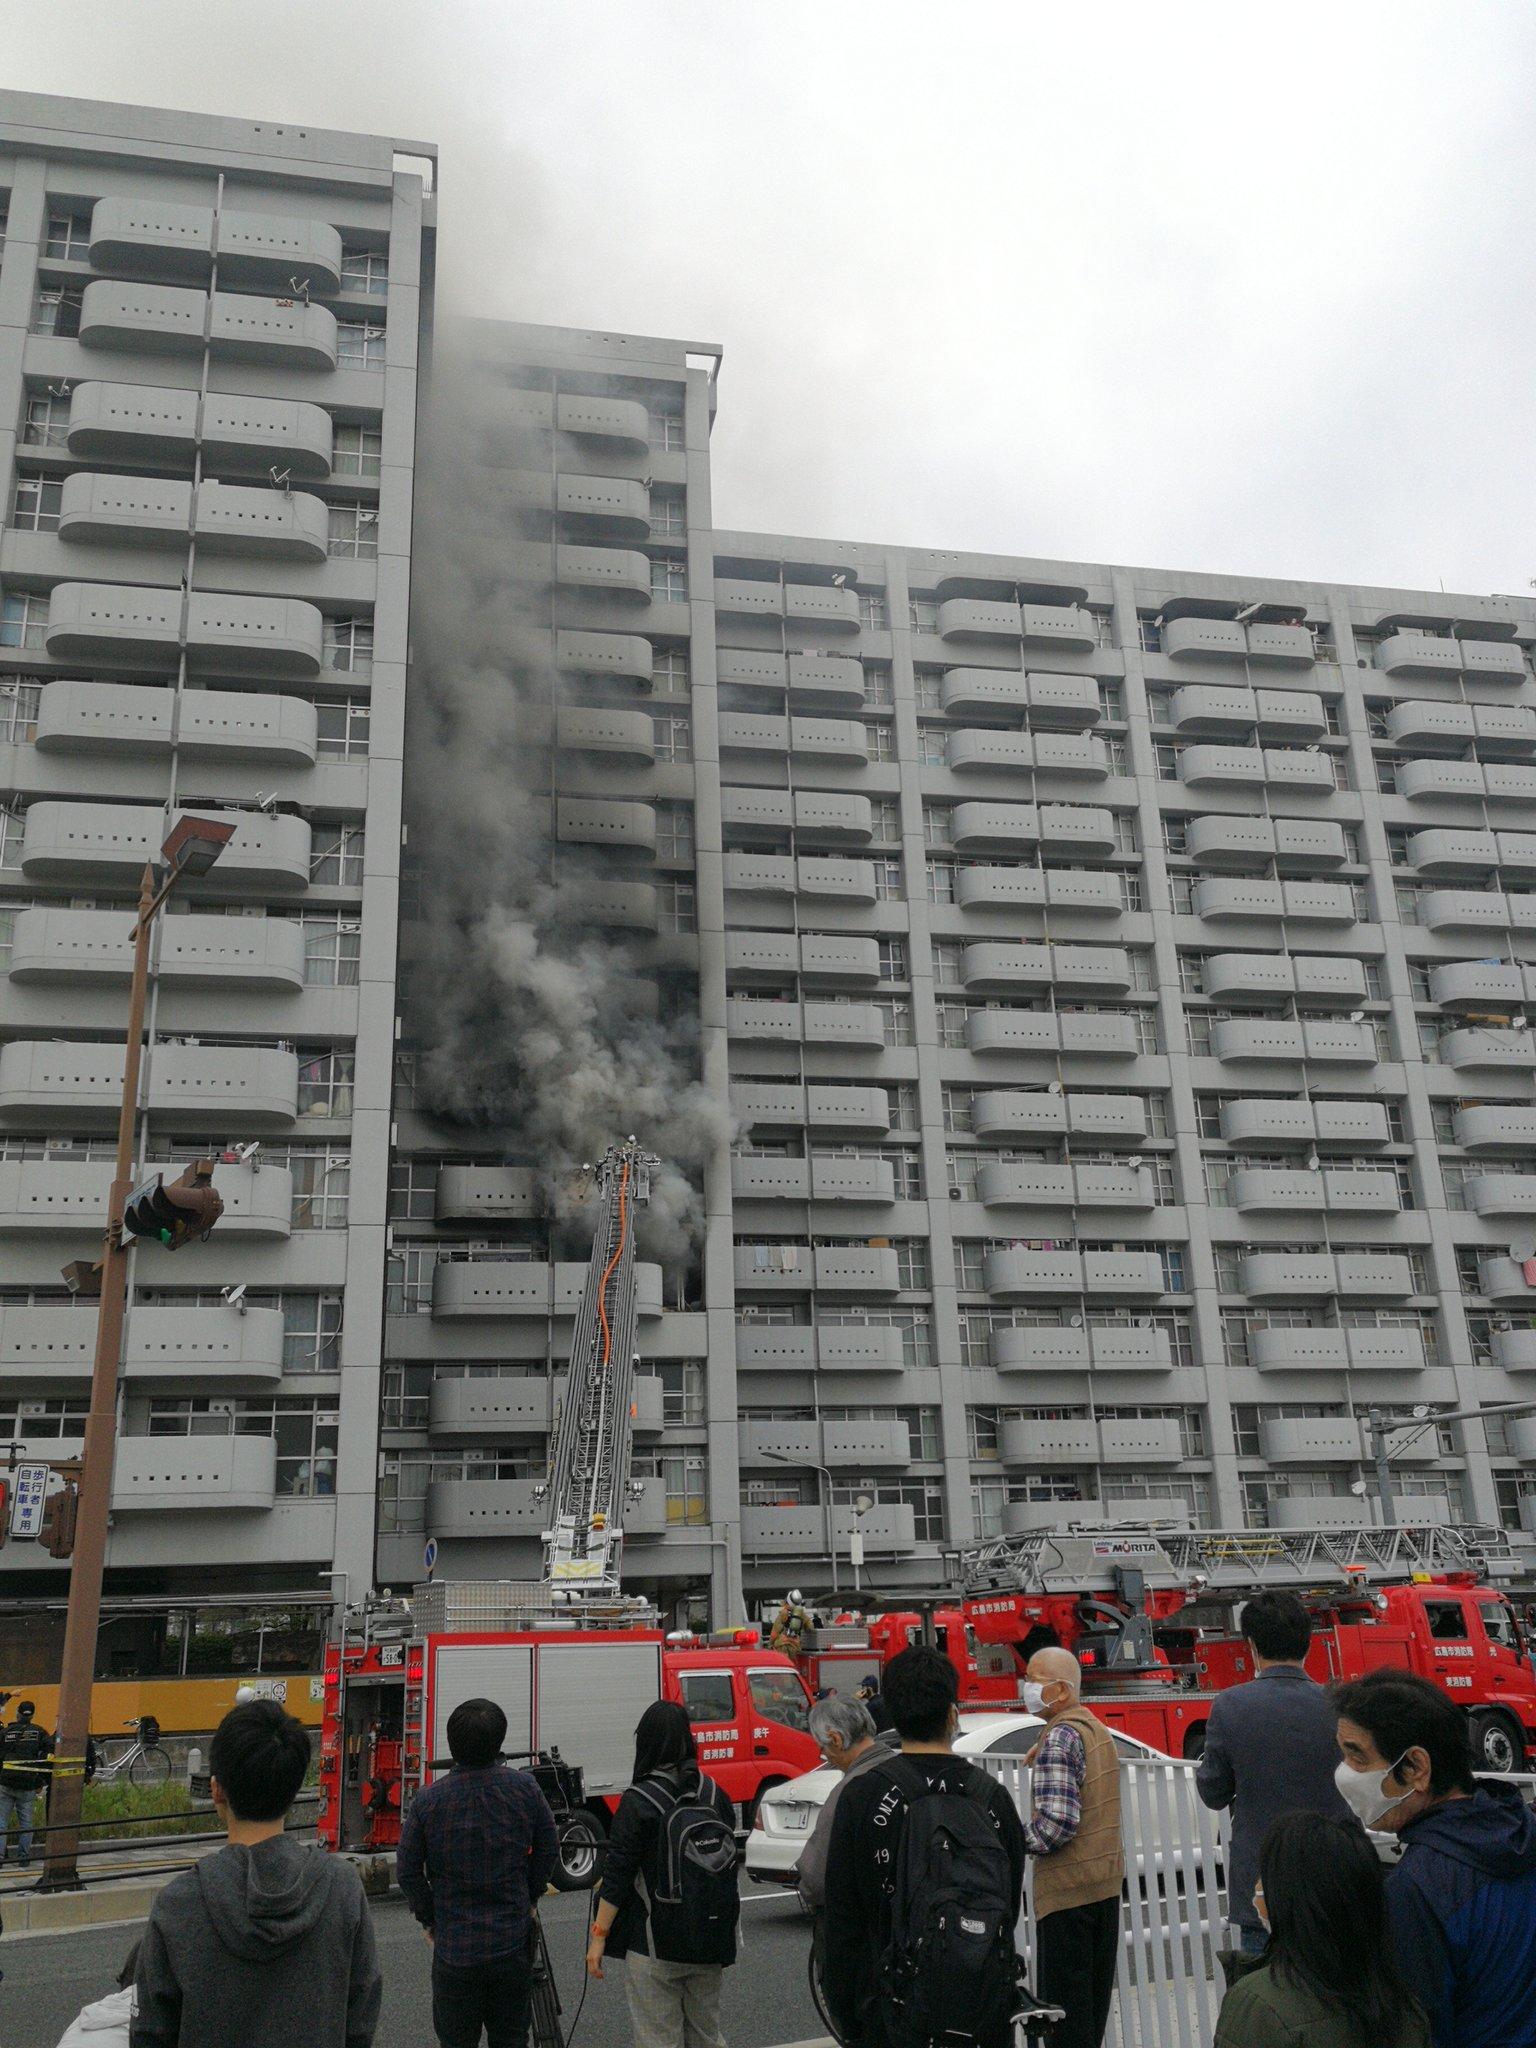 基町付近の高層アパートが火事になっている画像